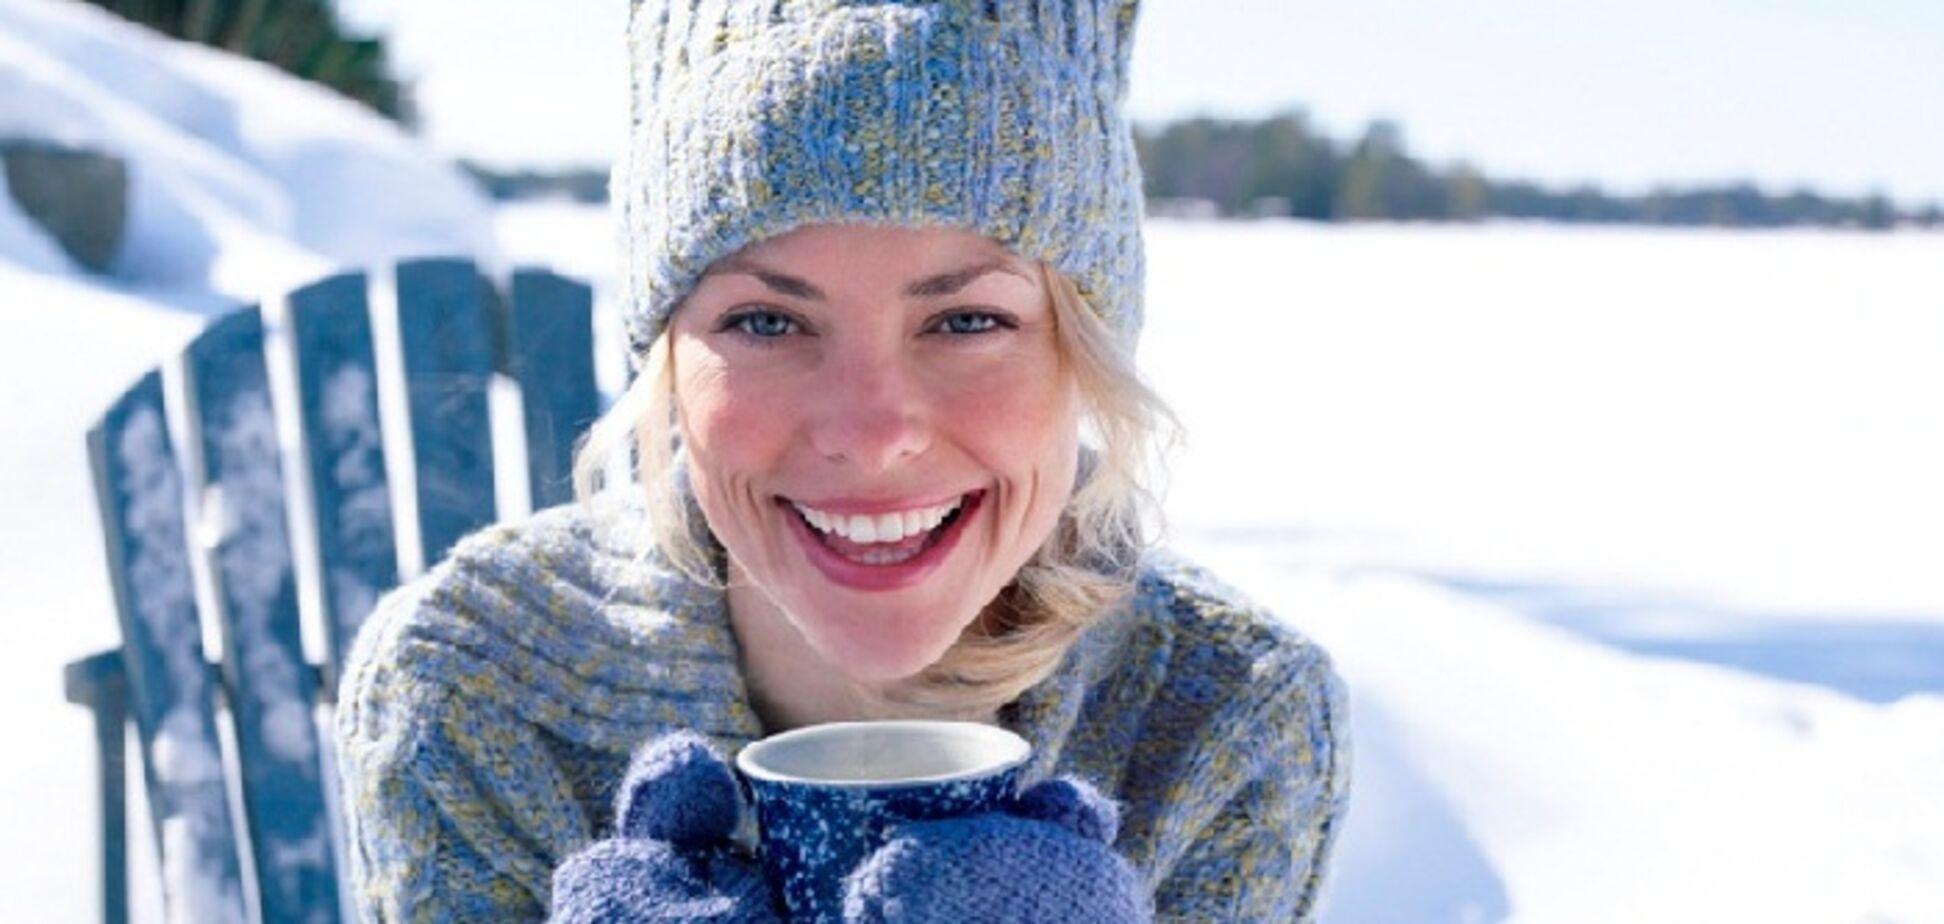 Дієтолог розповіла, як харчуватися в холодну пору, щоб не набрати вагу